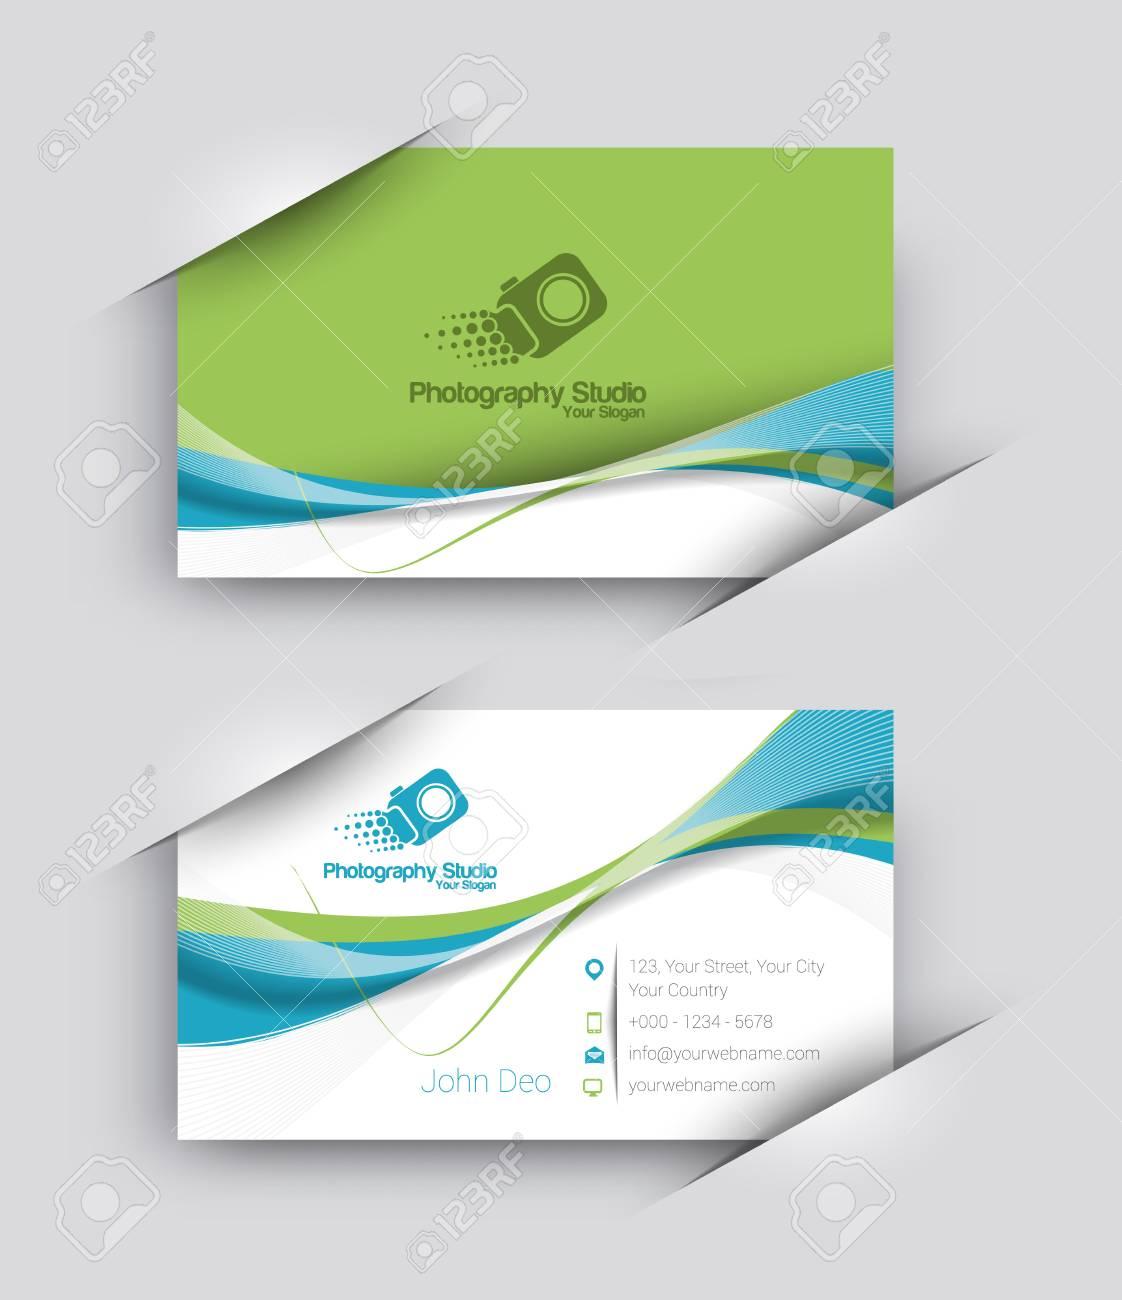 Modern Business Card Vector Template. - 51158689